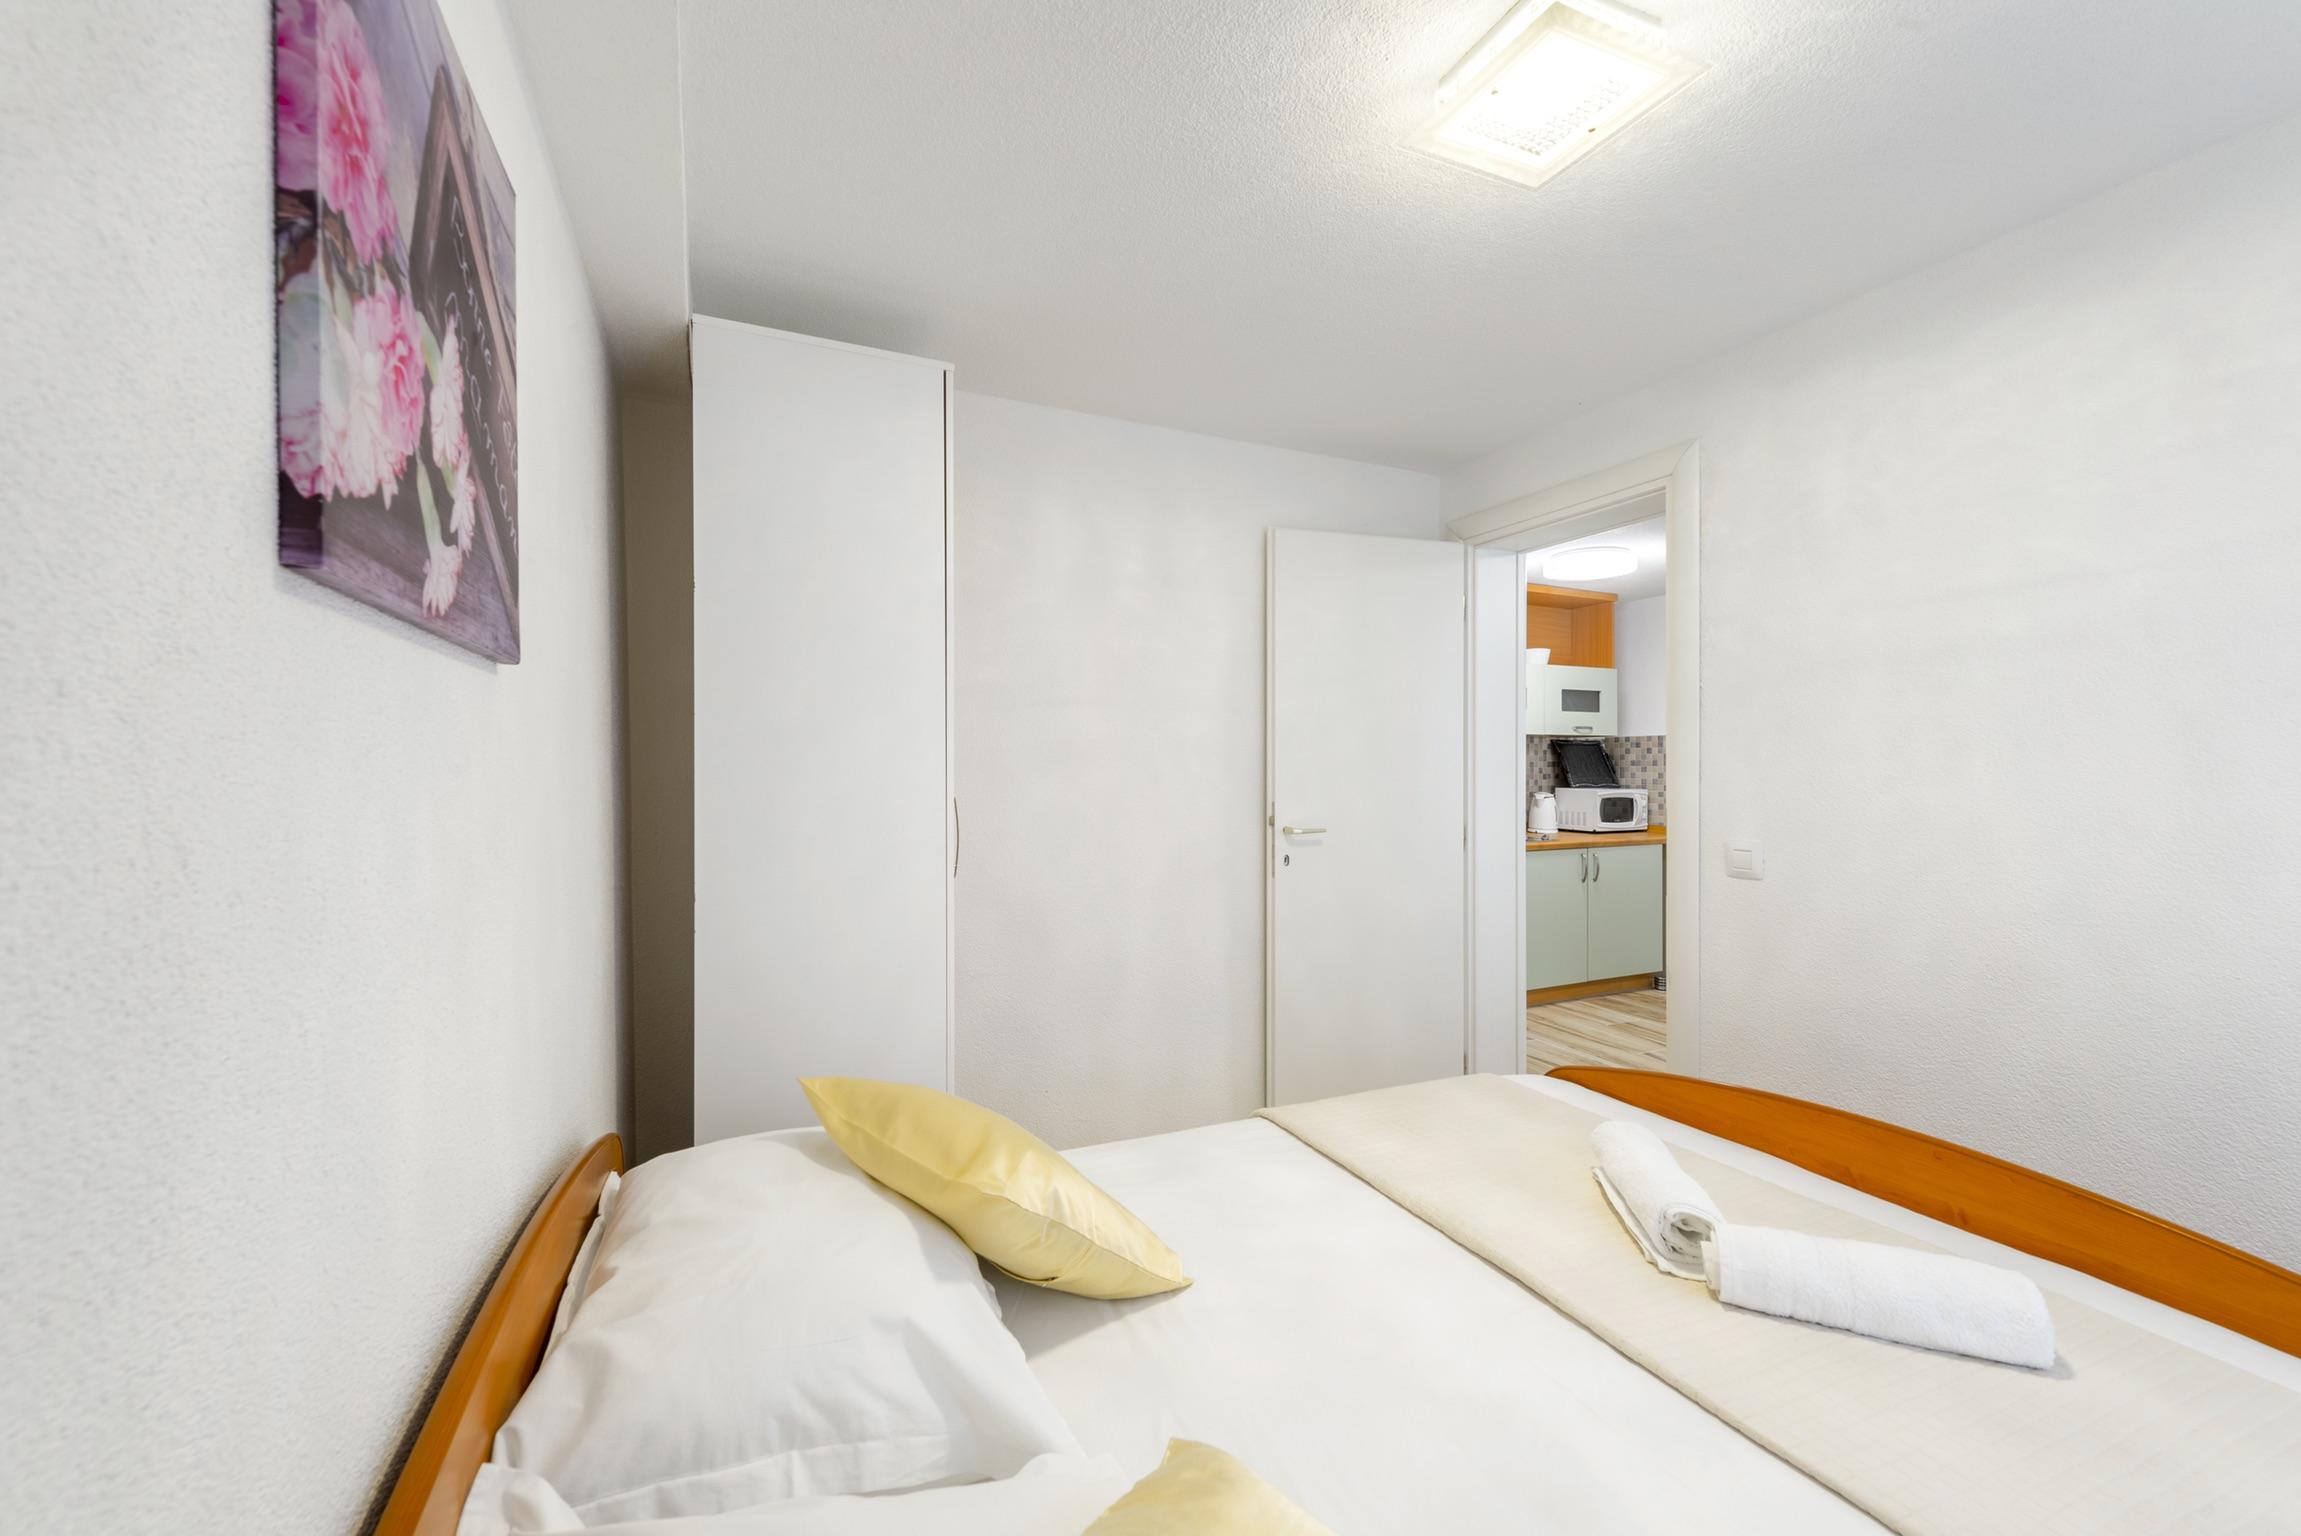 Ferienwohnung Wohnung mit 2 Zimmern in Baaka Voda mit herrlichem Meerblick, möblierter Terrasse und W-L (2201397), Baška Voda, , Dalmatien, Kroatien, Bild 20